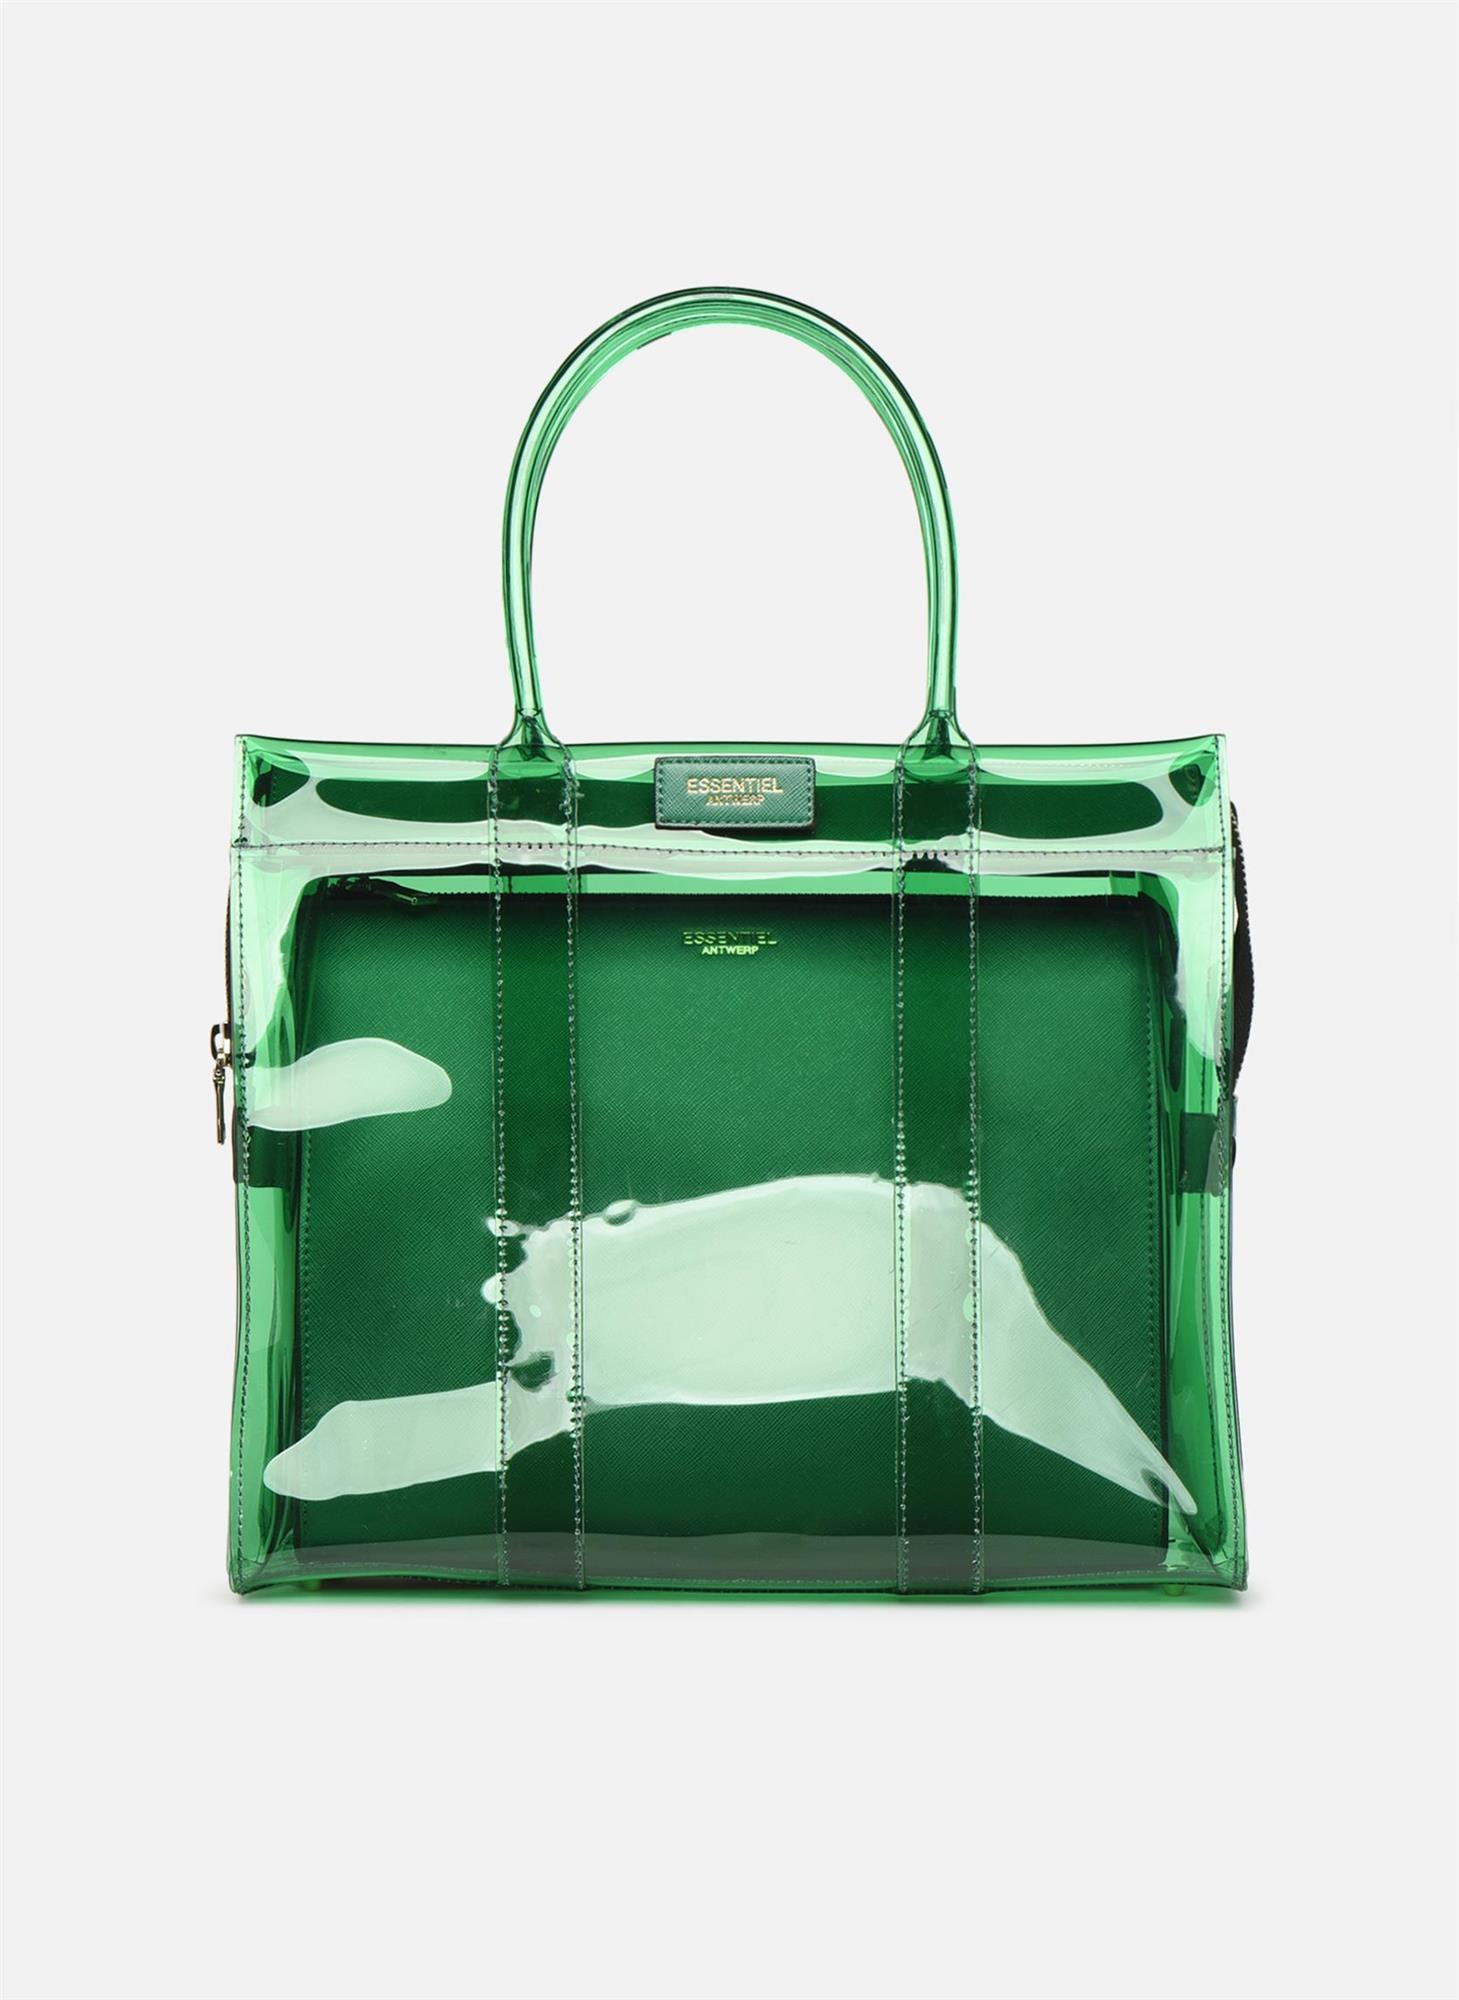 Bolsos transparentes: la tendencia de moda verano 2019 más